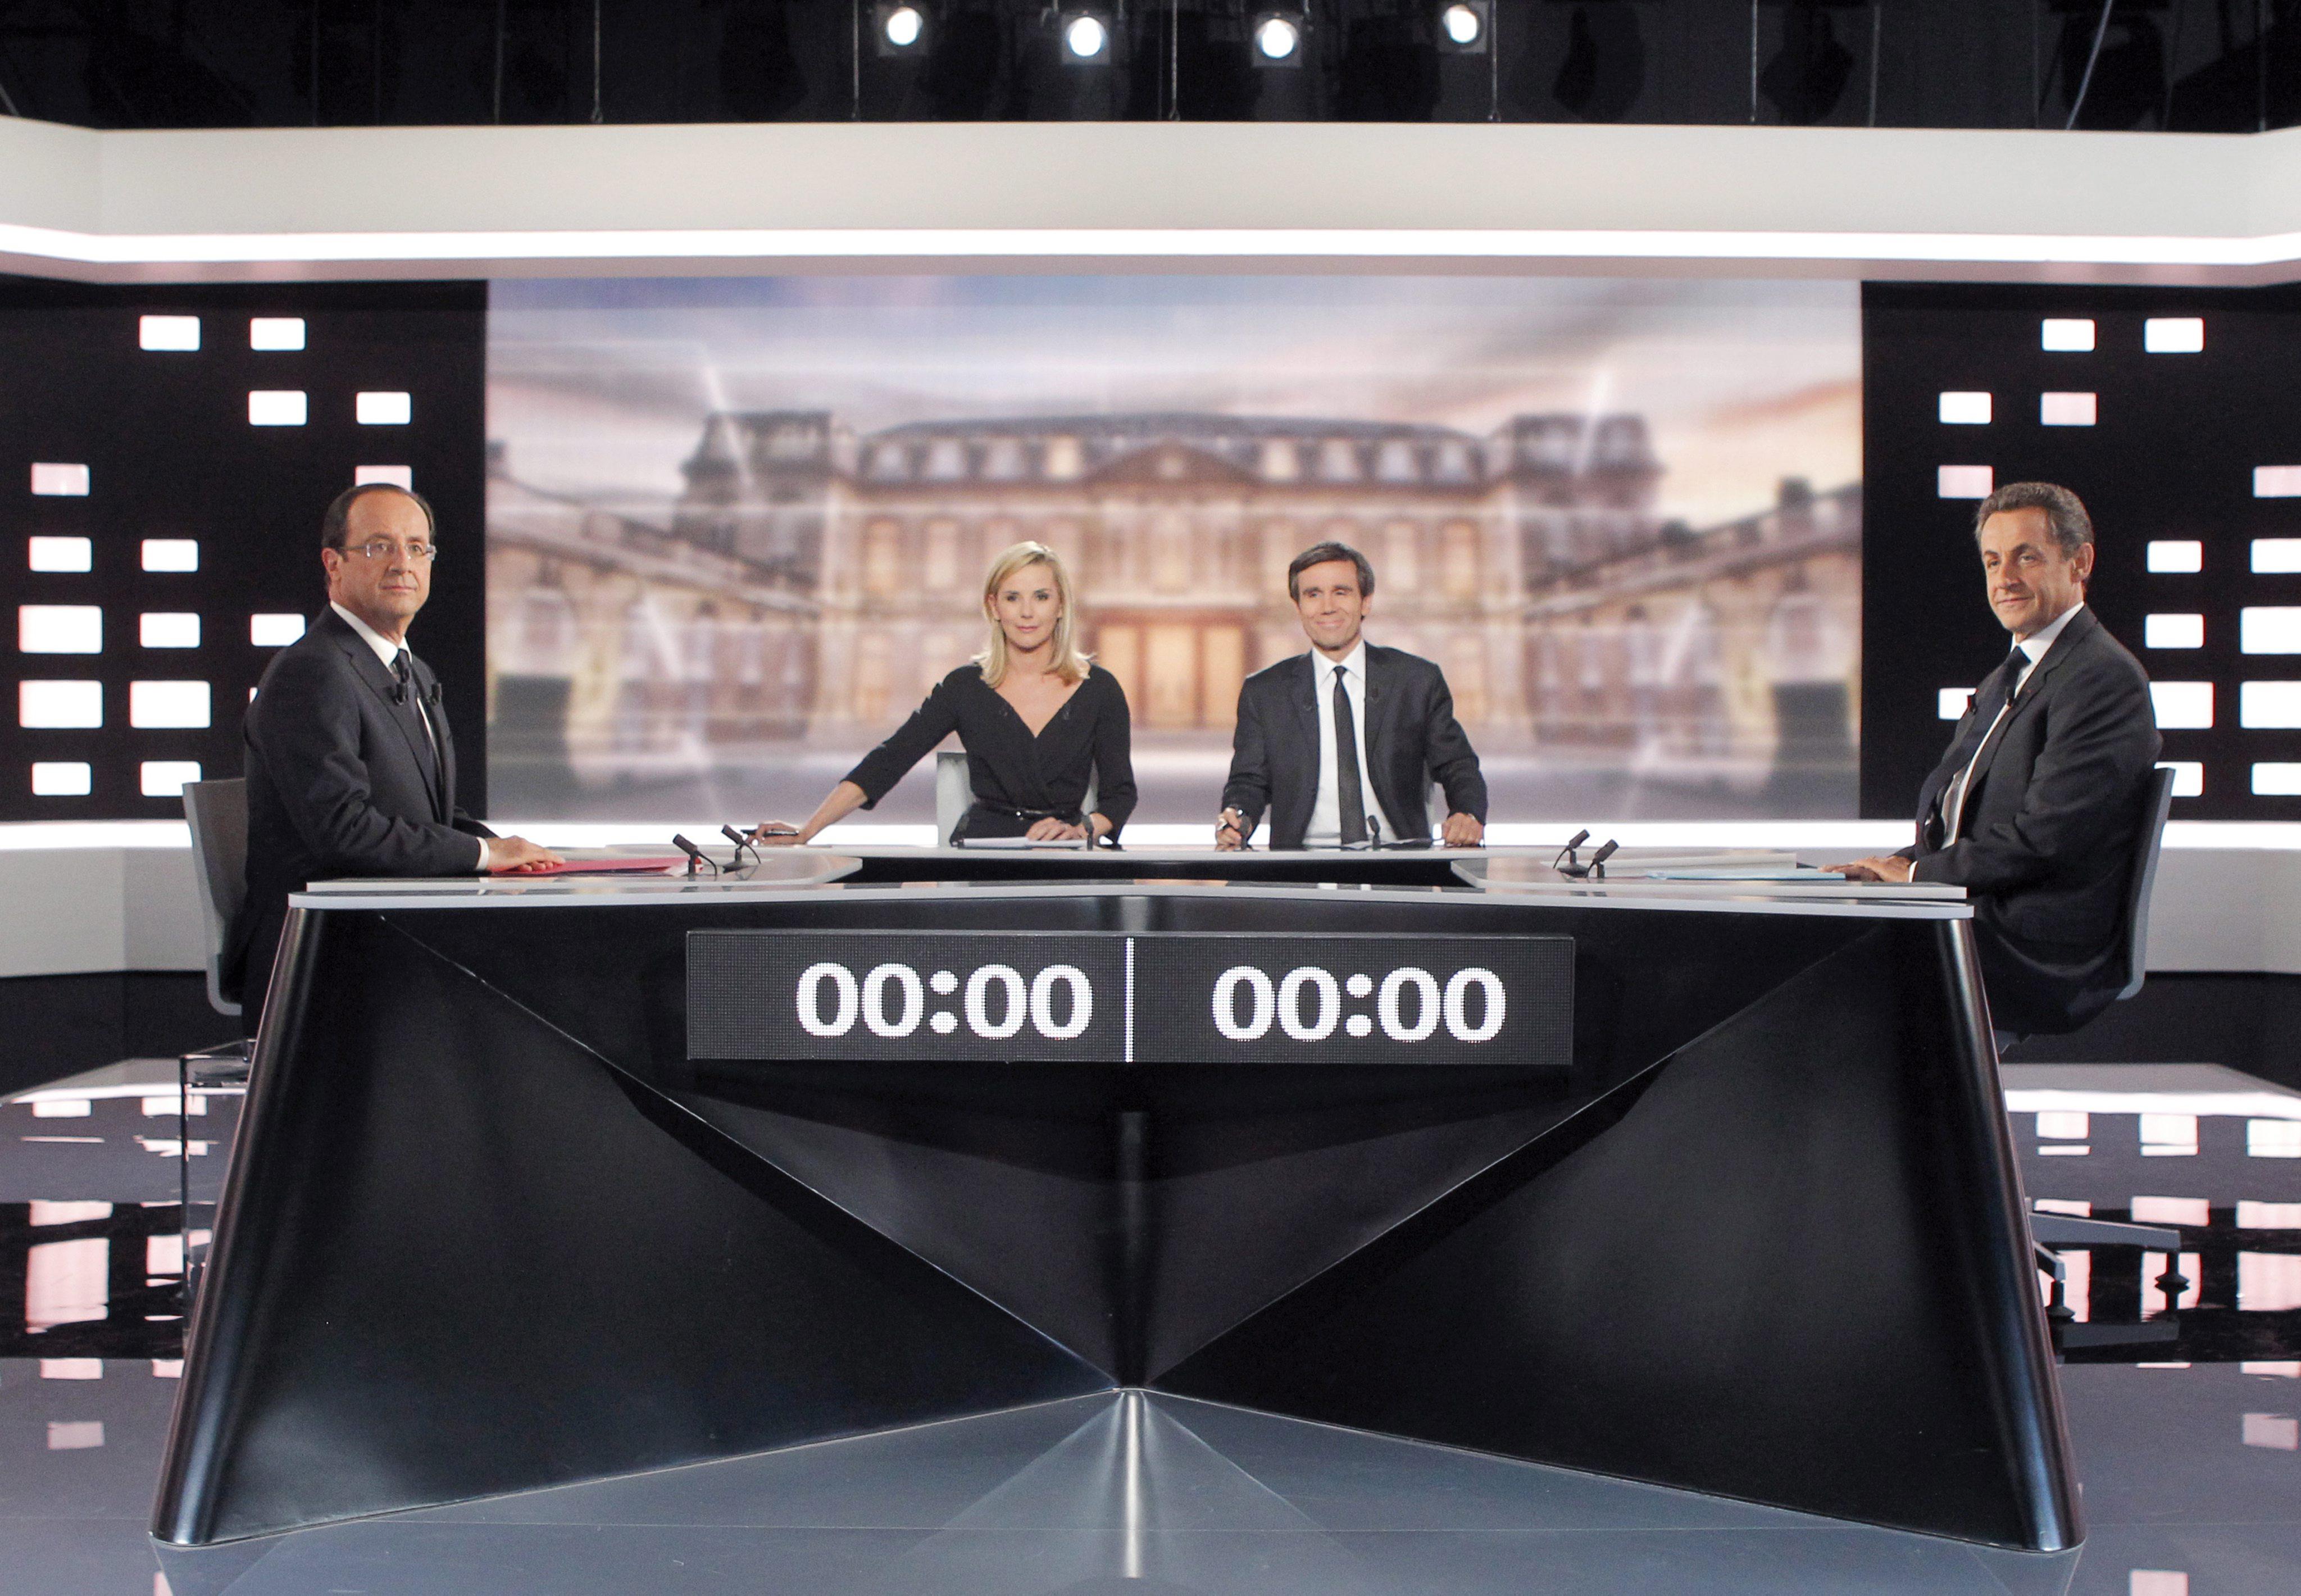 Яростен дебат между Саркози и Оланд